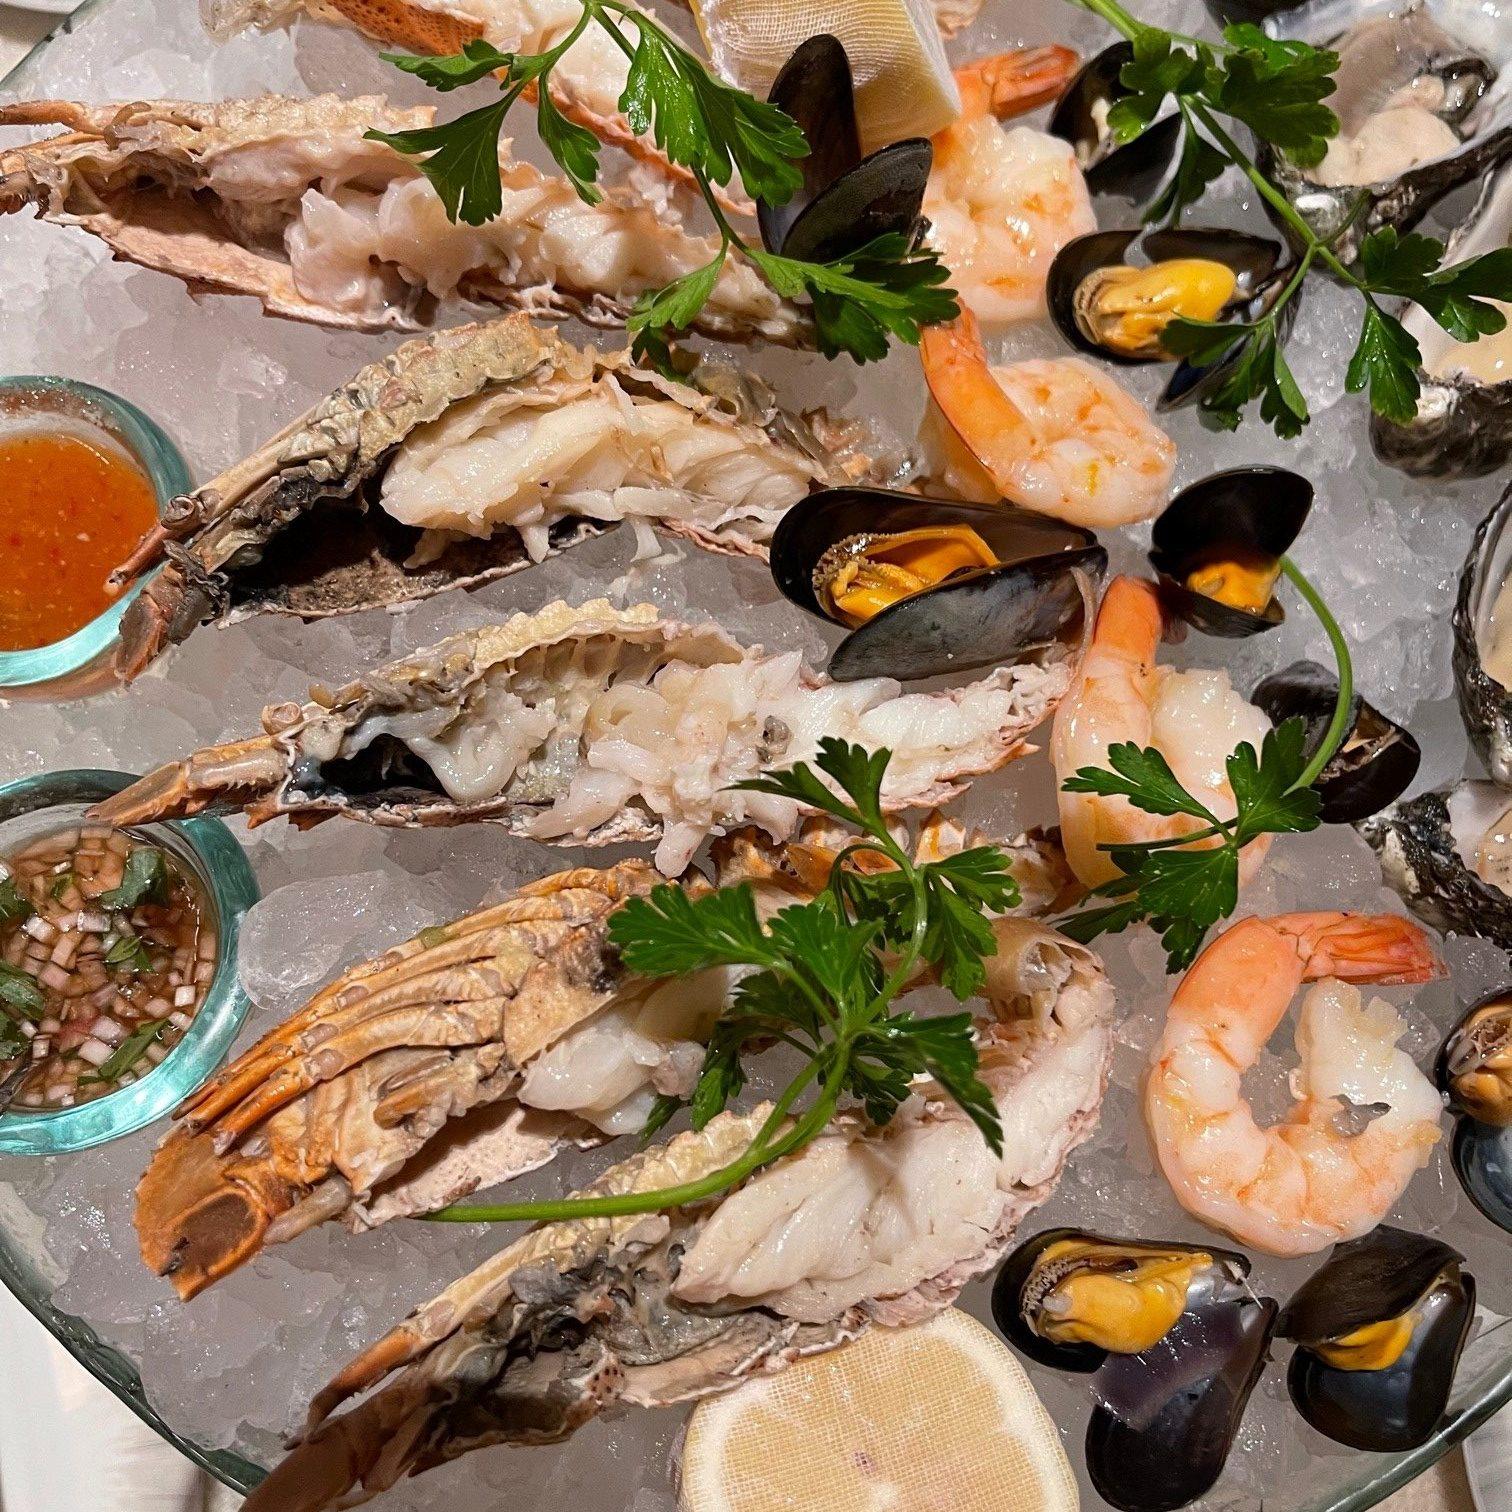 Mosaic at mandarin Oriental Lobster night